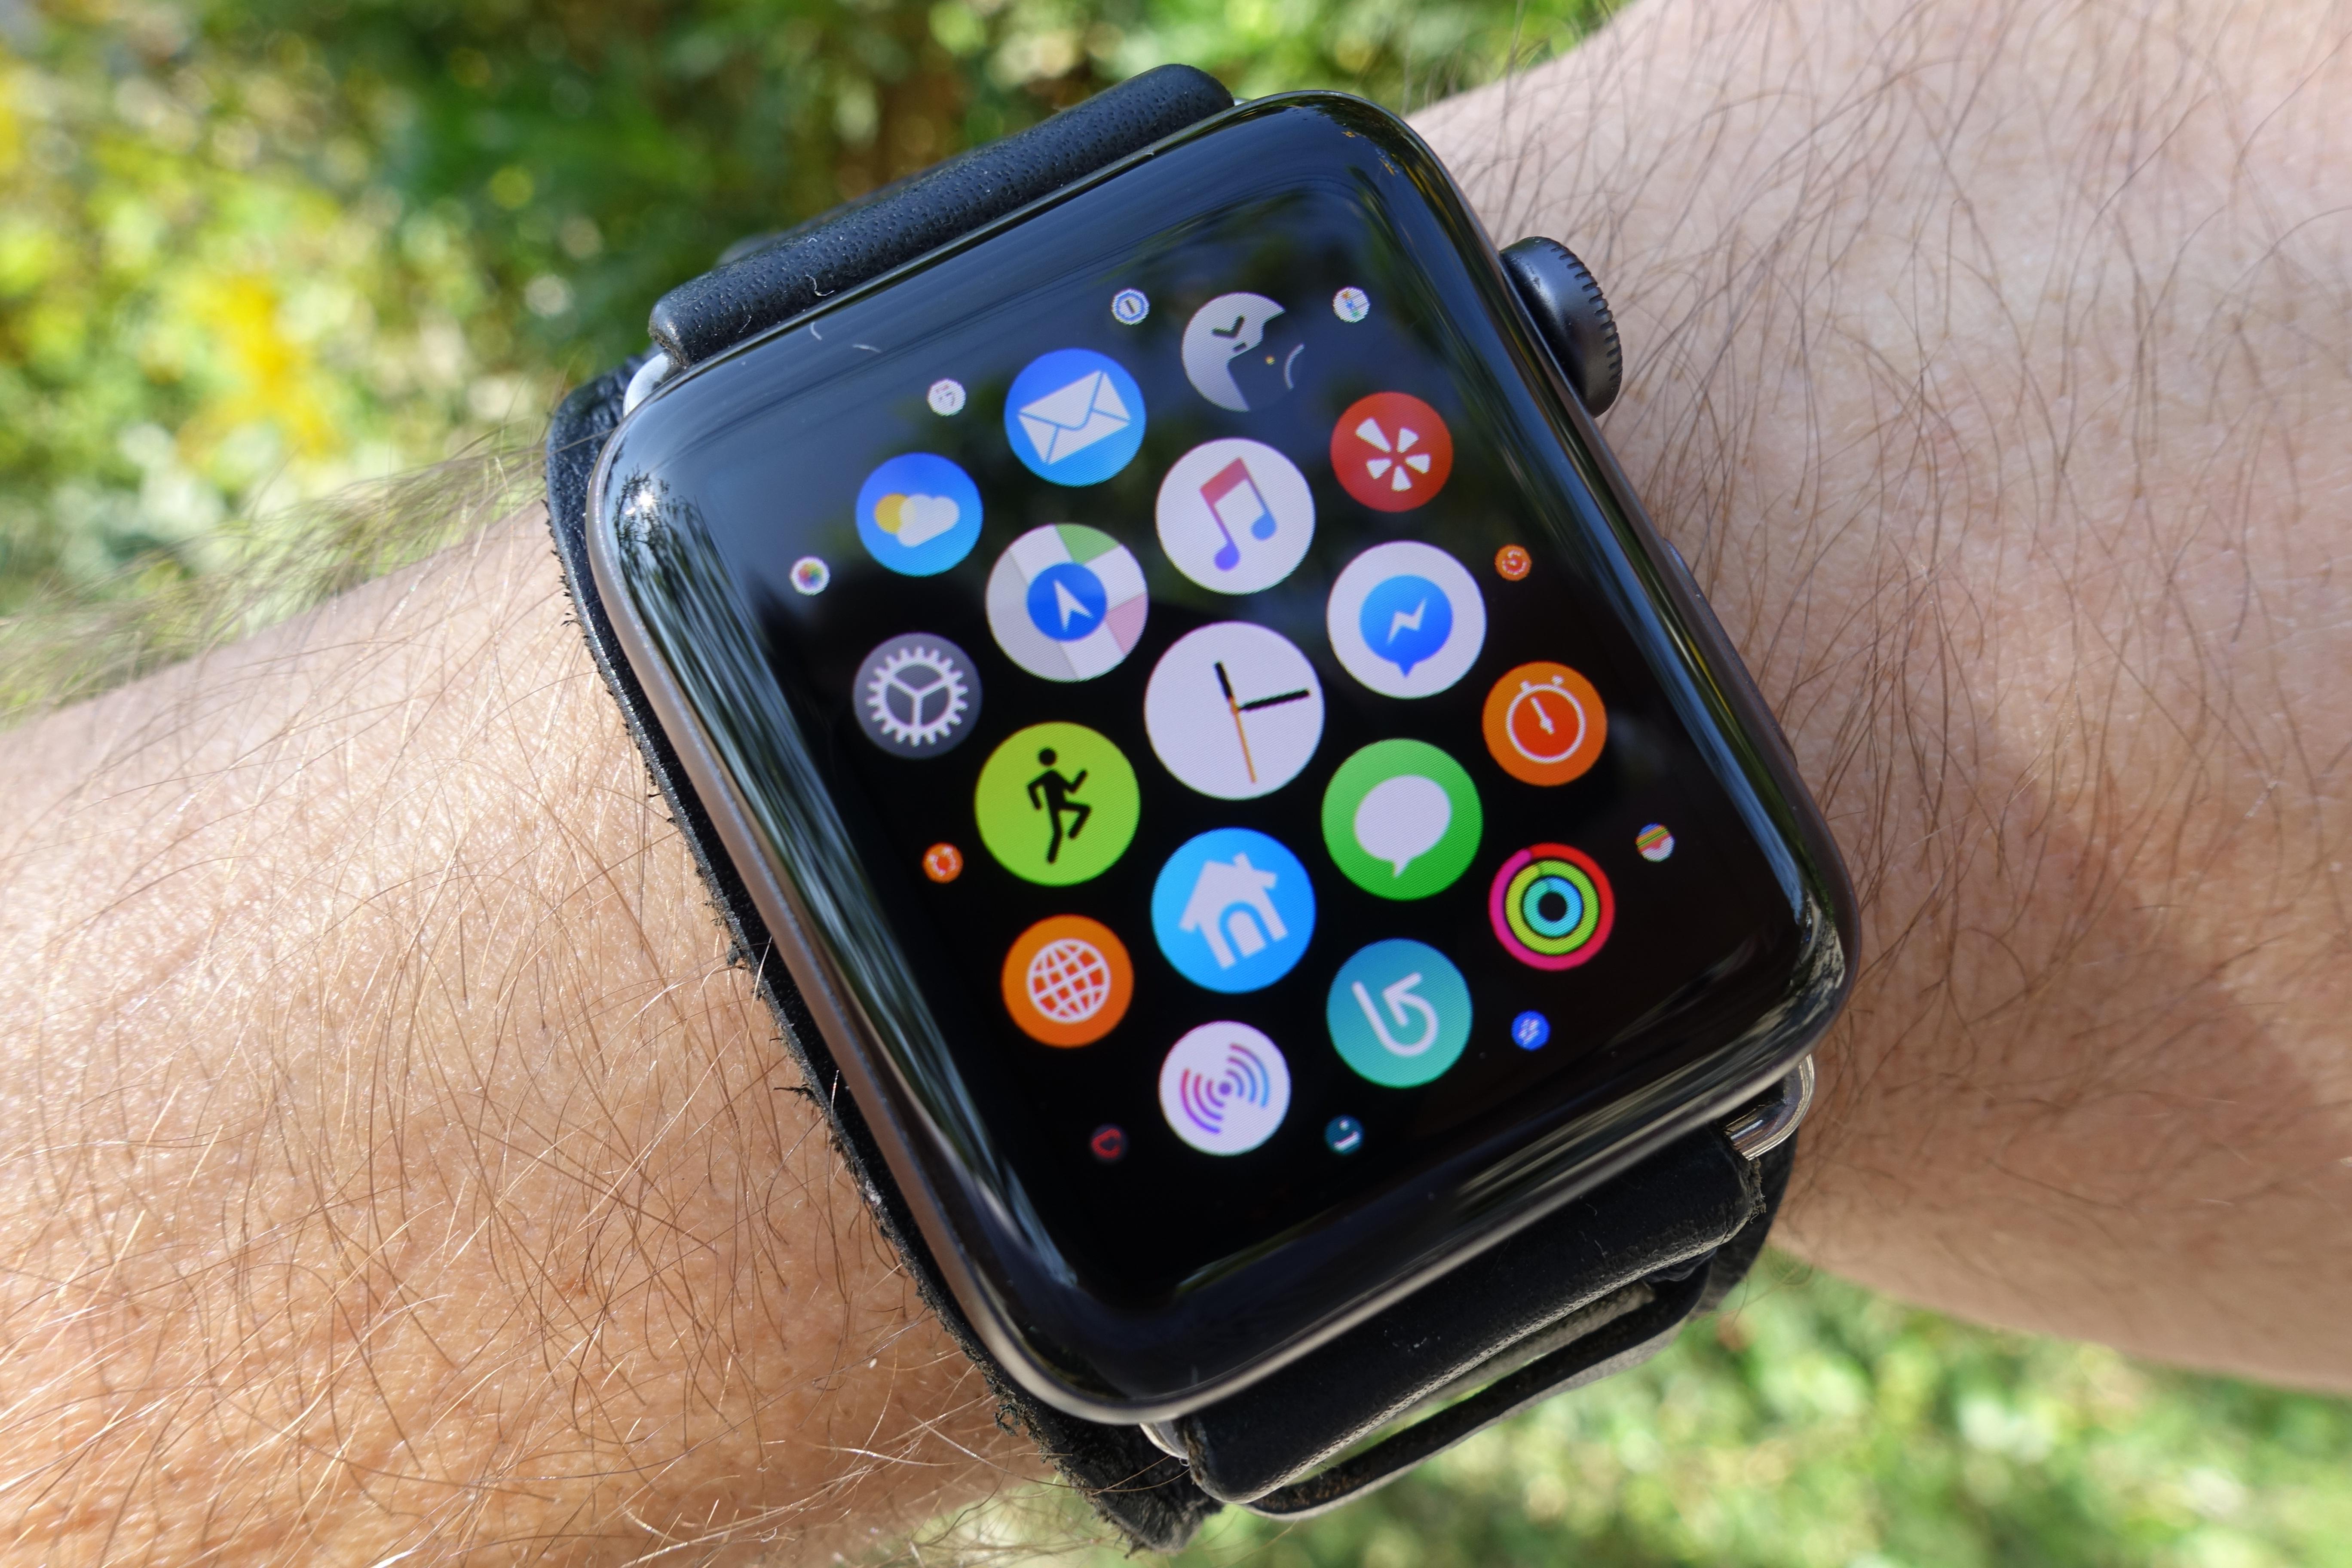 Vi er ikke så glad i hverken dette designet eller app-listen, men sett bortsett fra enkelt grensesnitt-plager er Series 3 vår favoritt innen smartklokker.